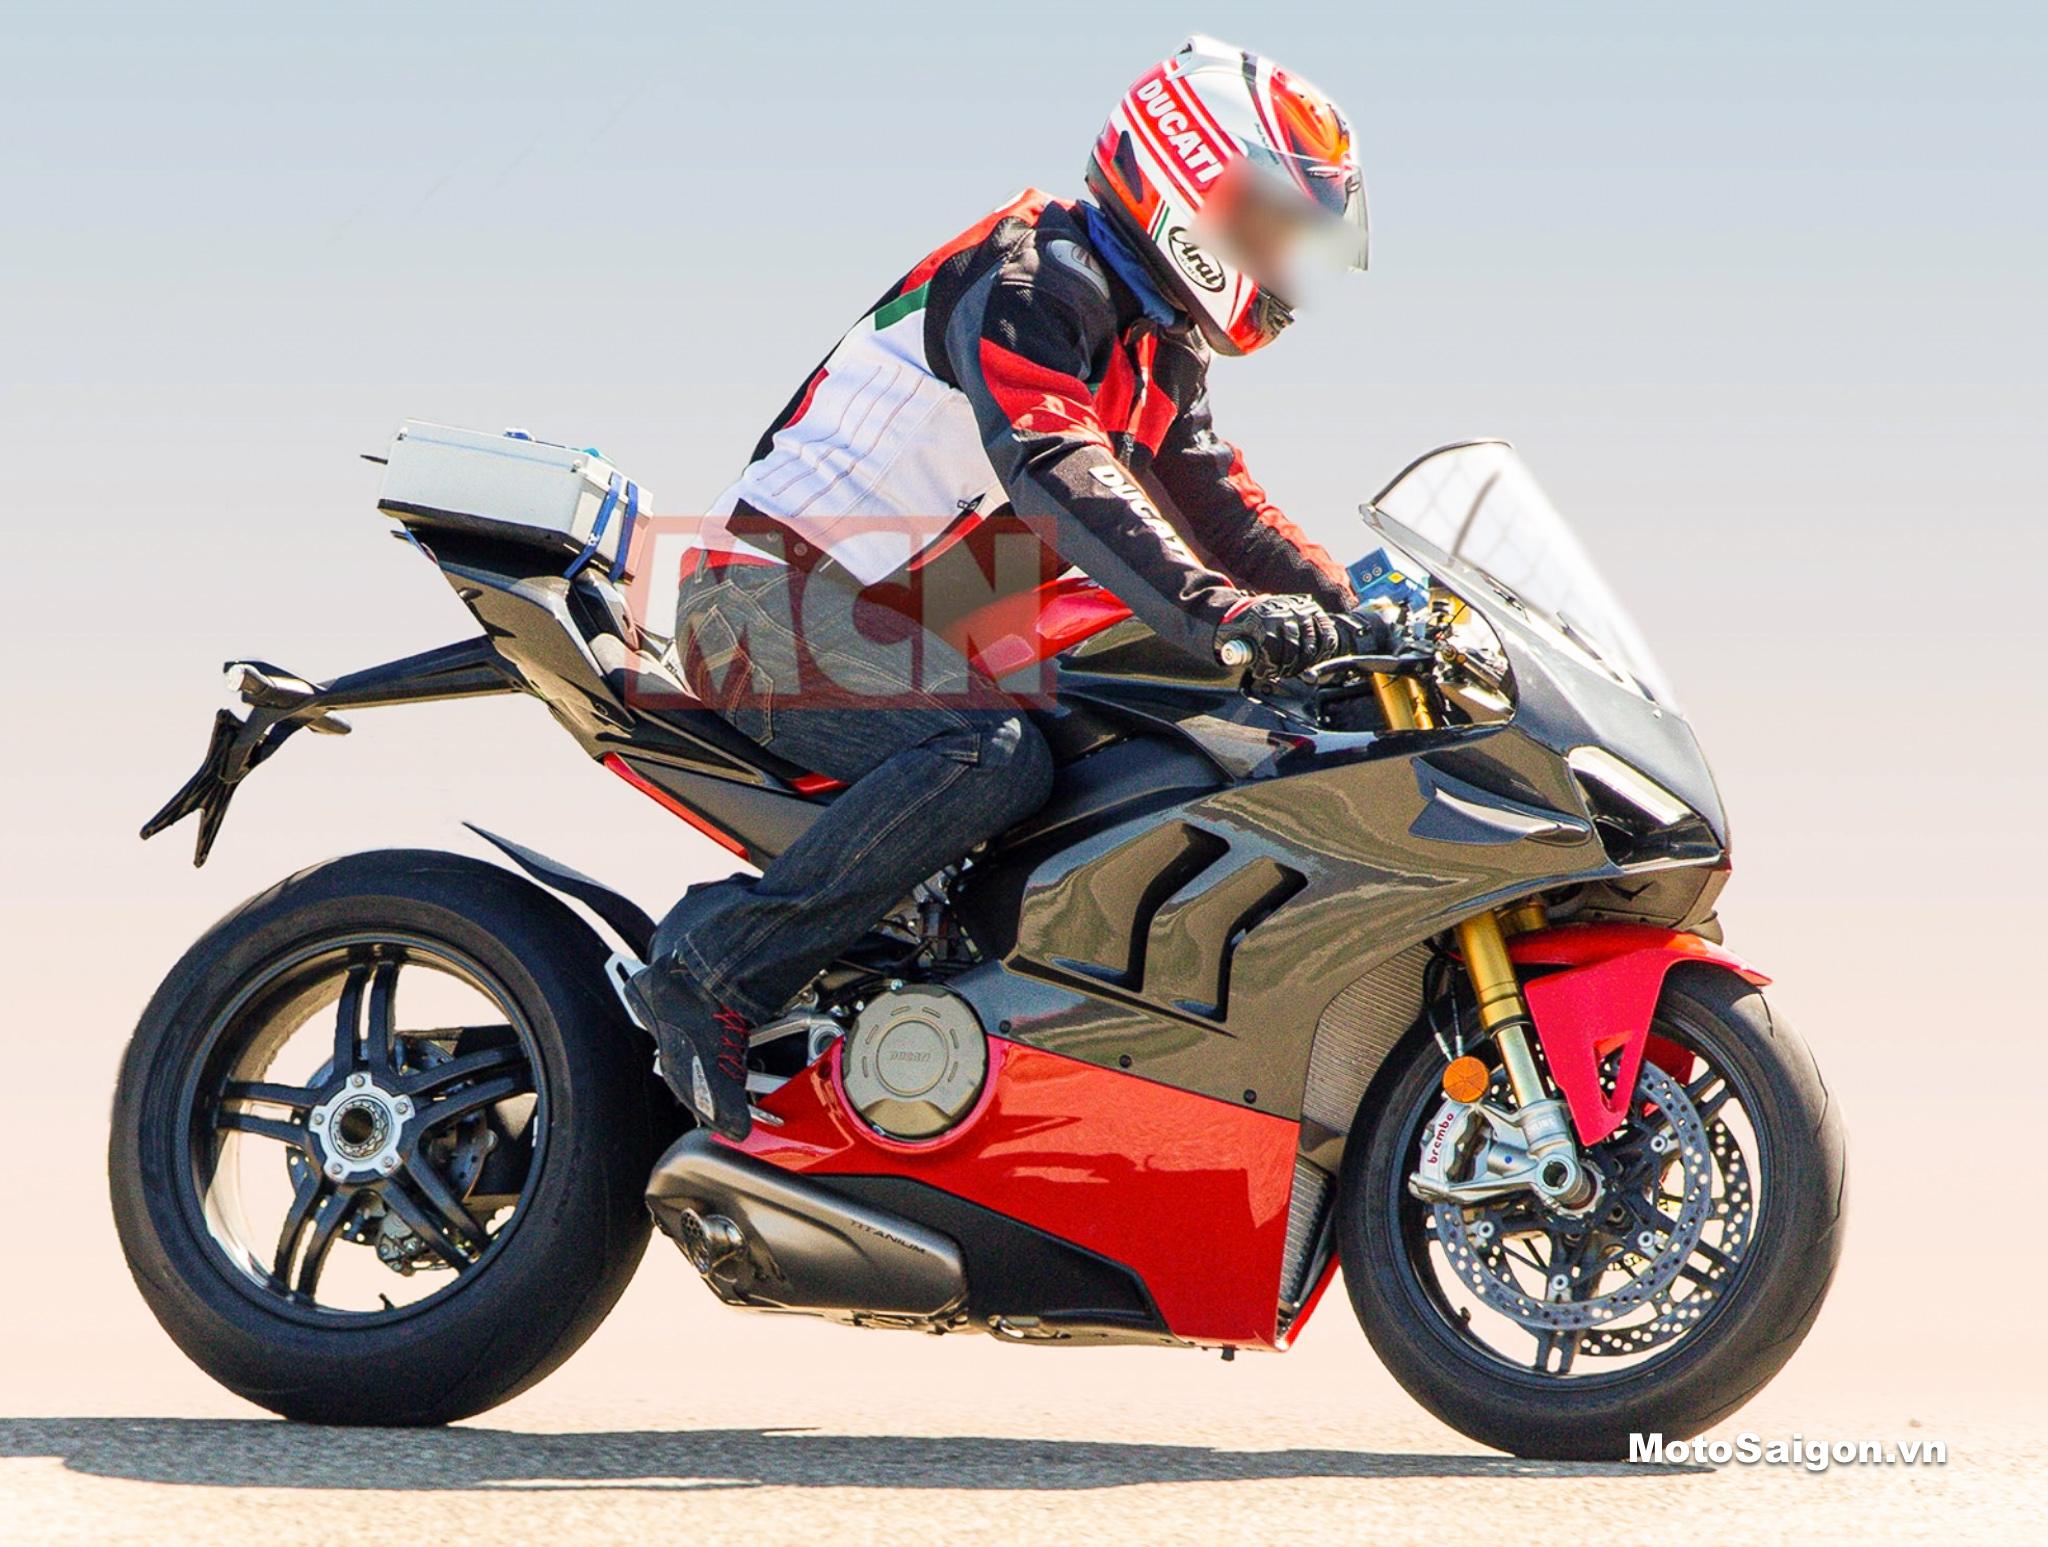 Ducati Panigale V4 Superleggera cao cấp sắp có giá bán